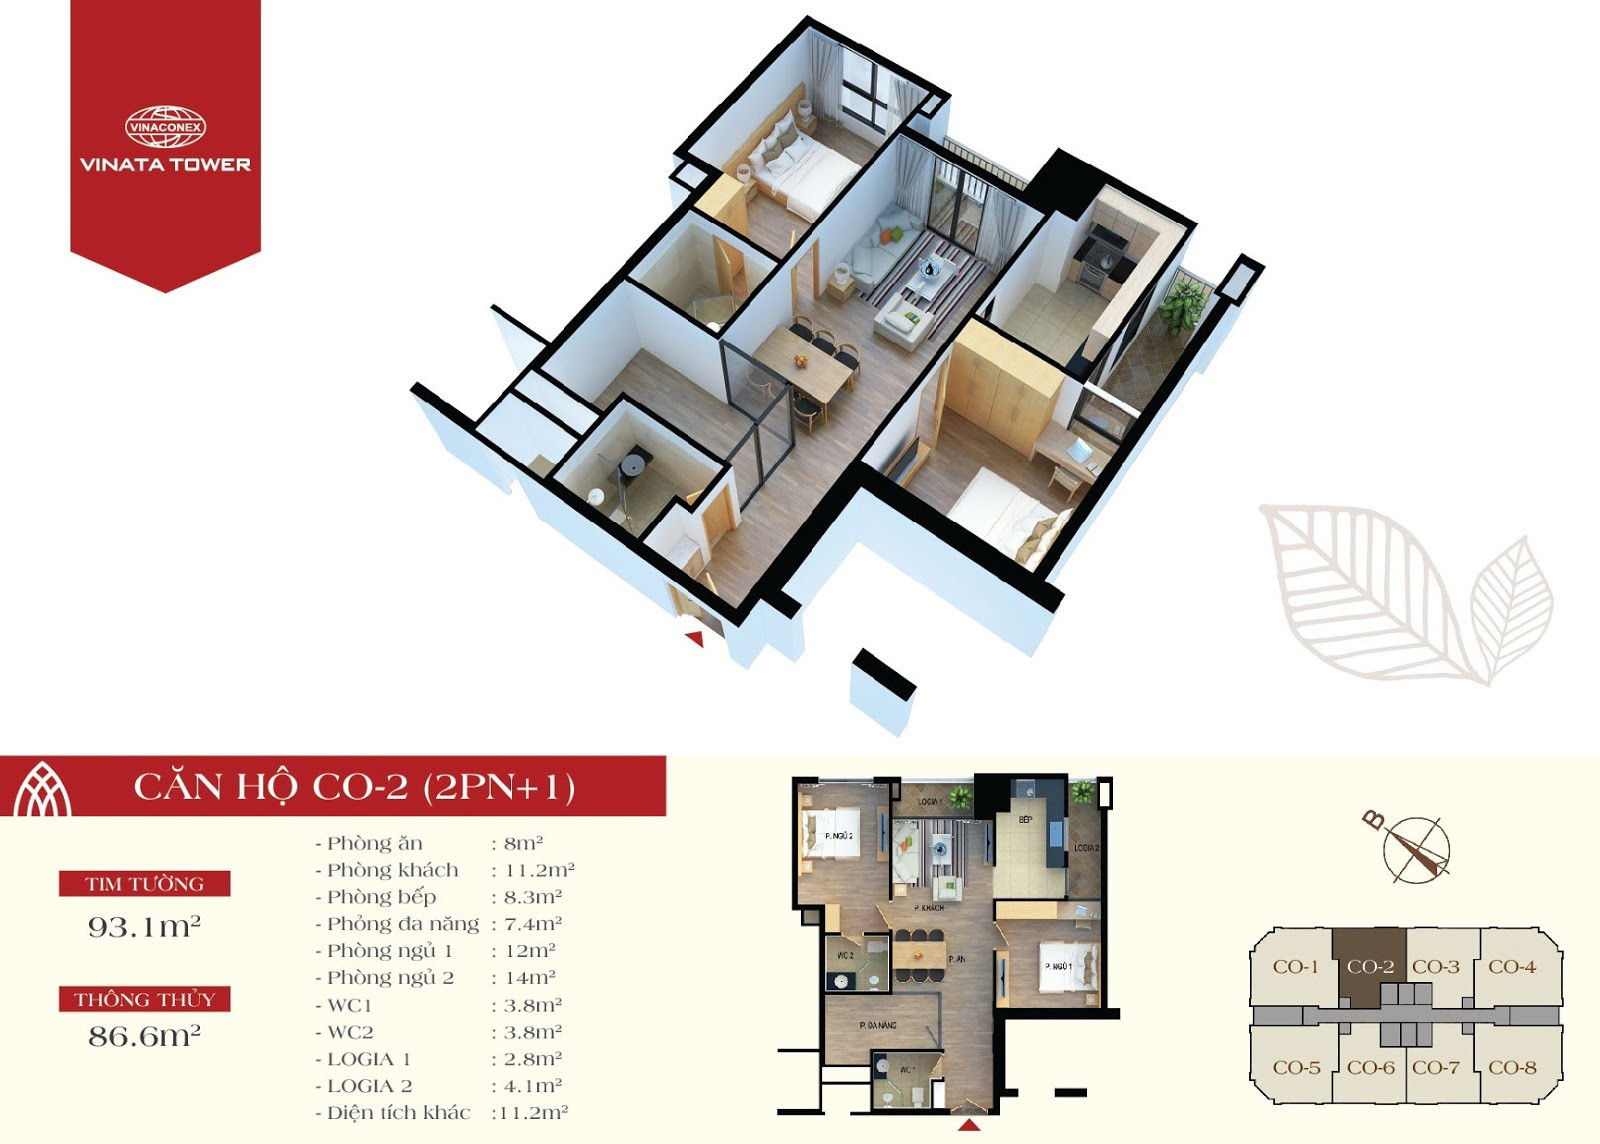 Thiết kế chi tiết căn hộ CO-02 DT 86,6m2 - 2PN, 1 đa năng, 2VS